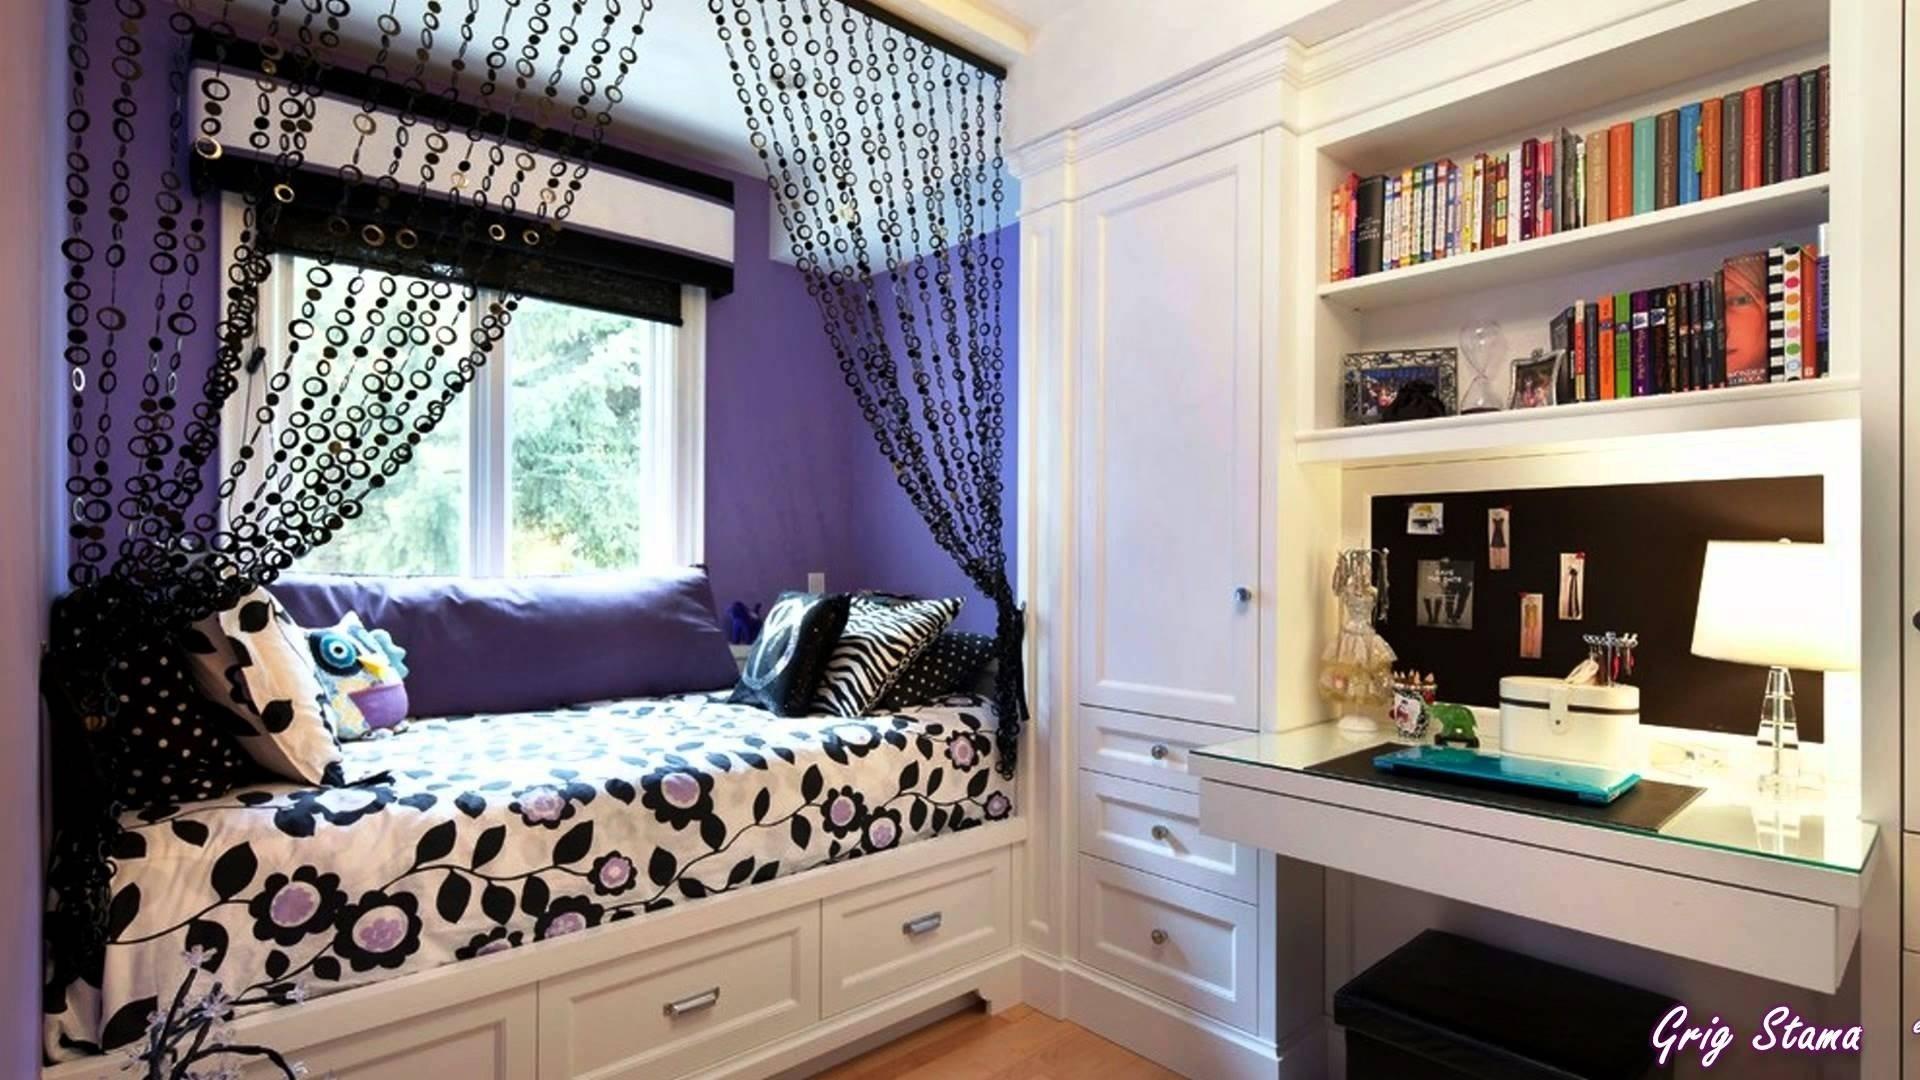 10 Stylish Teenage Girl Bedroom Decorating Ideas diy teenage bedroom decorating ideas beautiful frantic kids room 1 2020